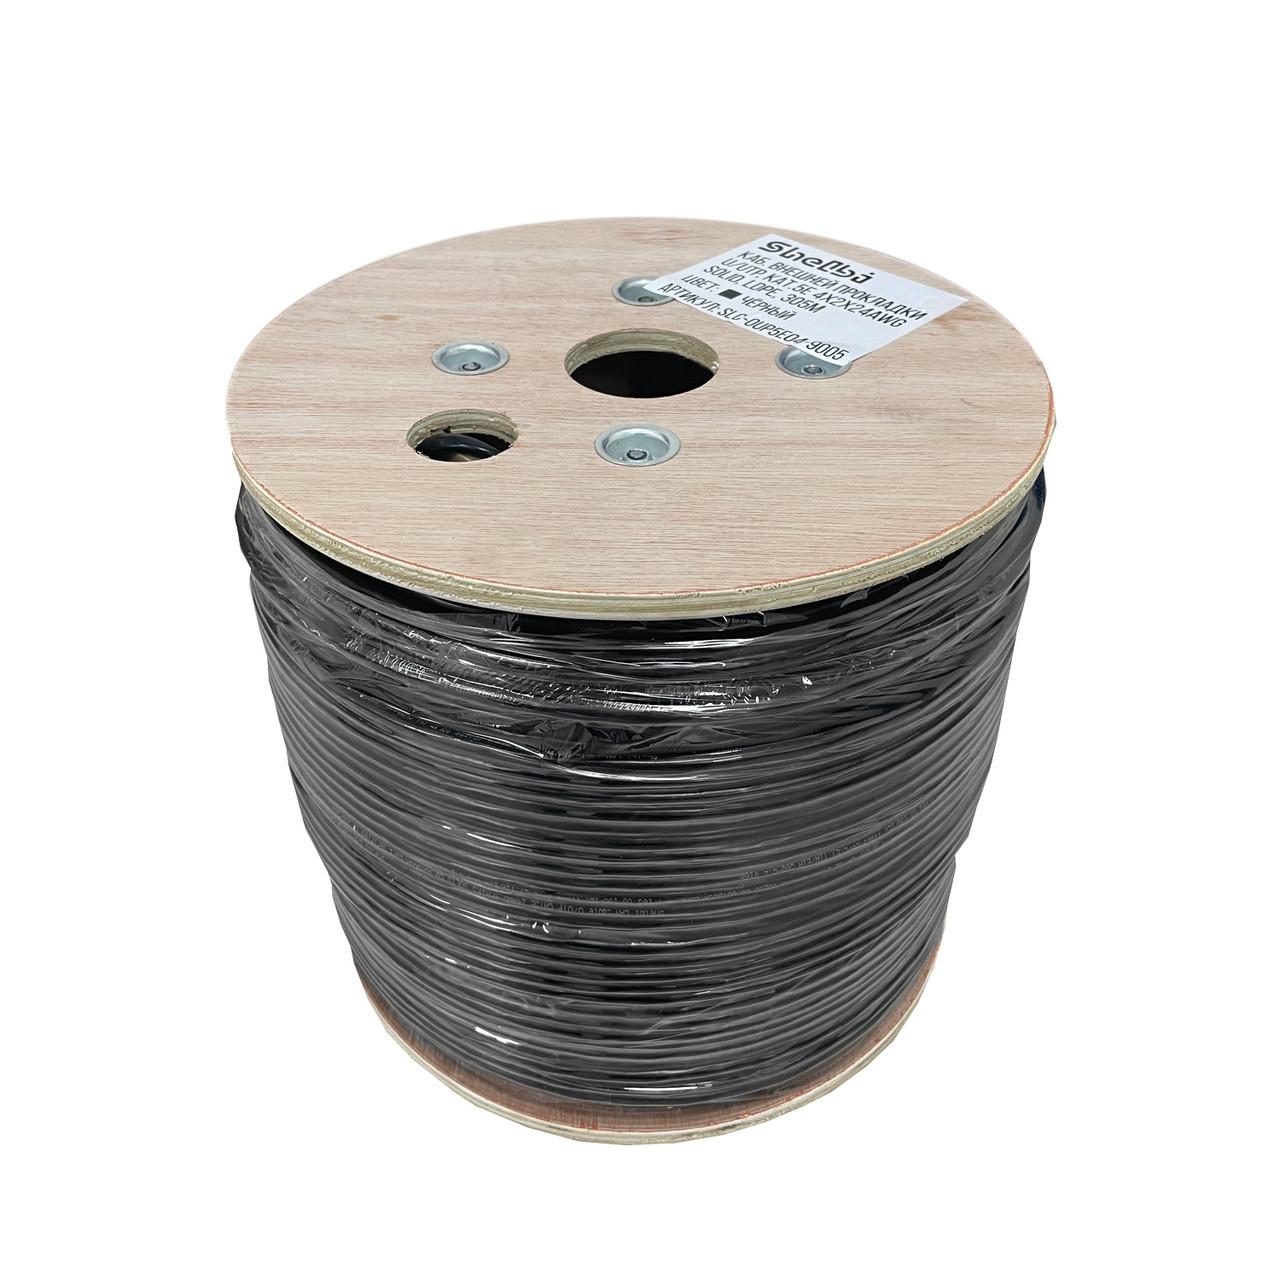 Shelbi Кабель Внешней прокладки U/UTP, кат.5E 4х2х24AWG solid, LDPE, 305м, чер.